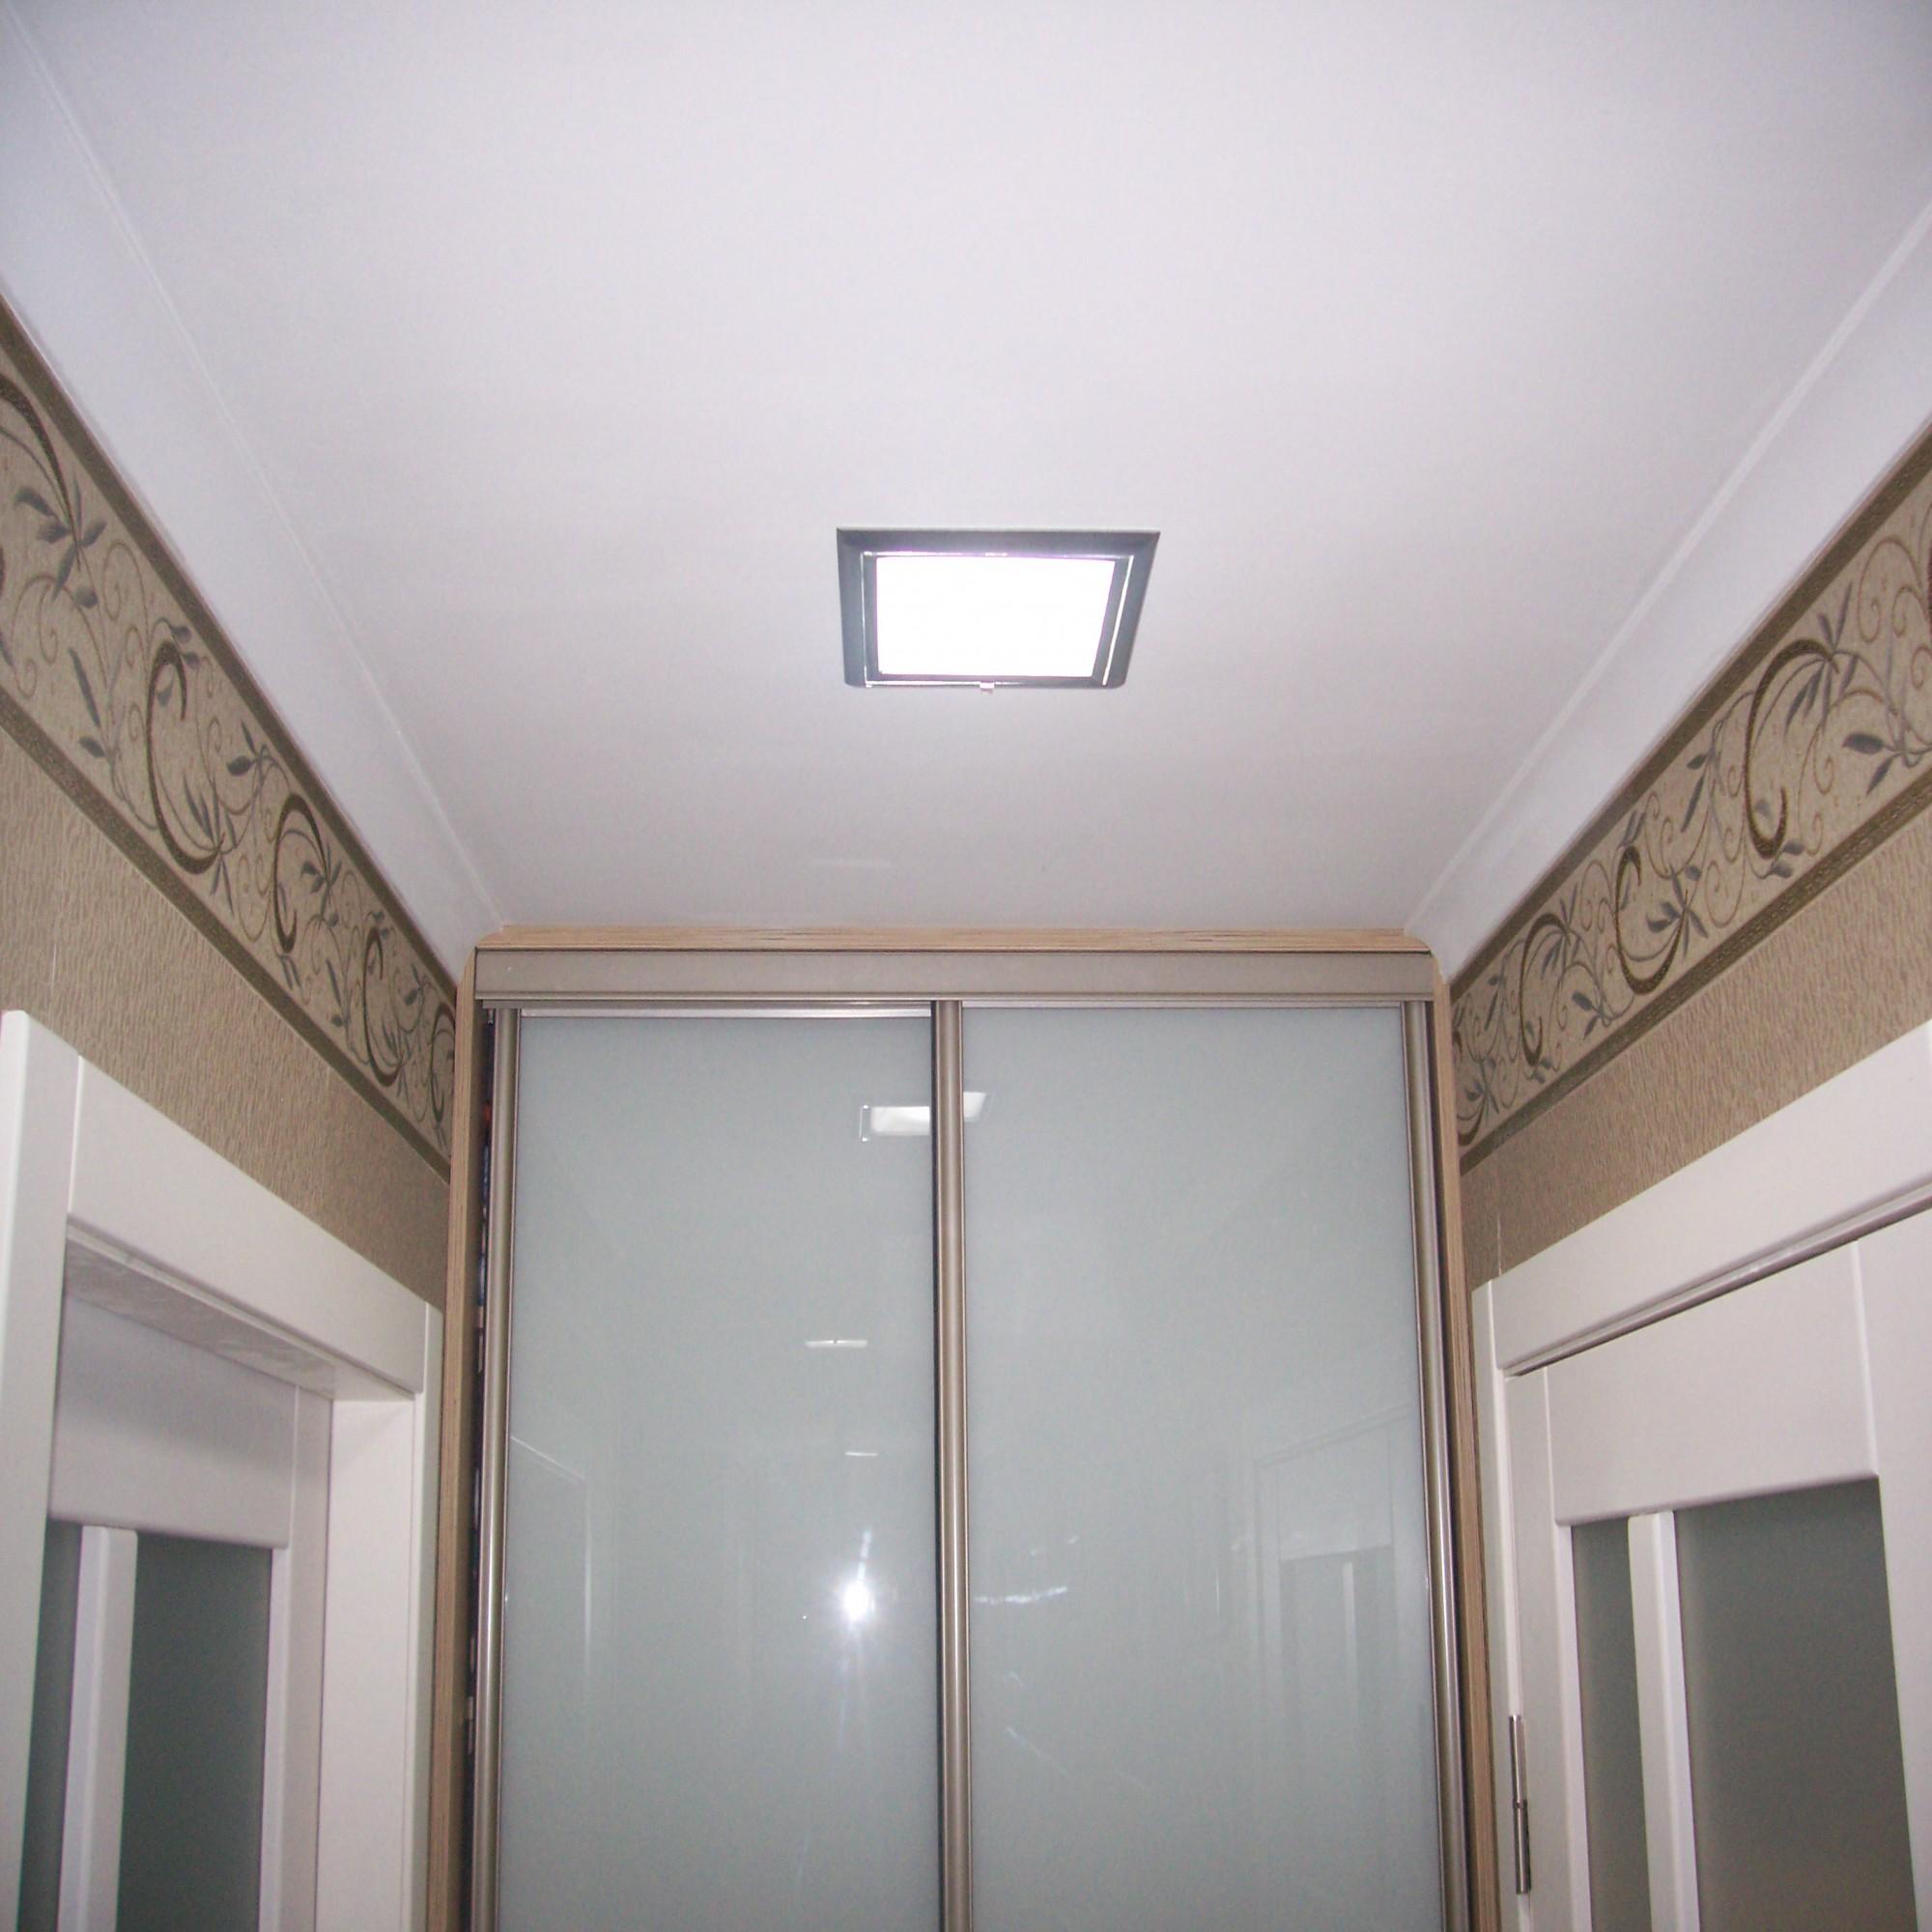 quel peinture pour le plafond neuilly sur seine devis travaux maison en ligne isolant plafond fin. Black Bedroom Furniture Sets. Home Design Ideas